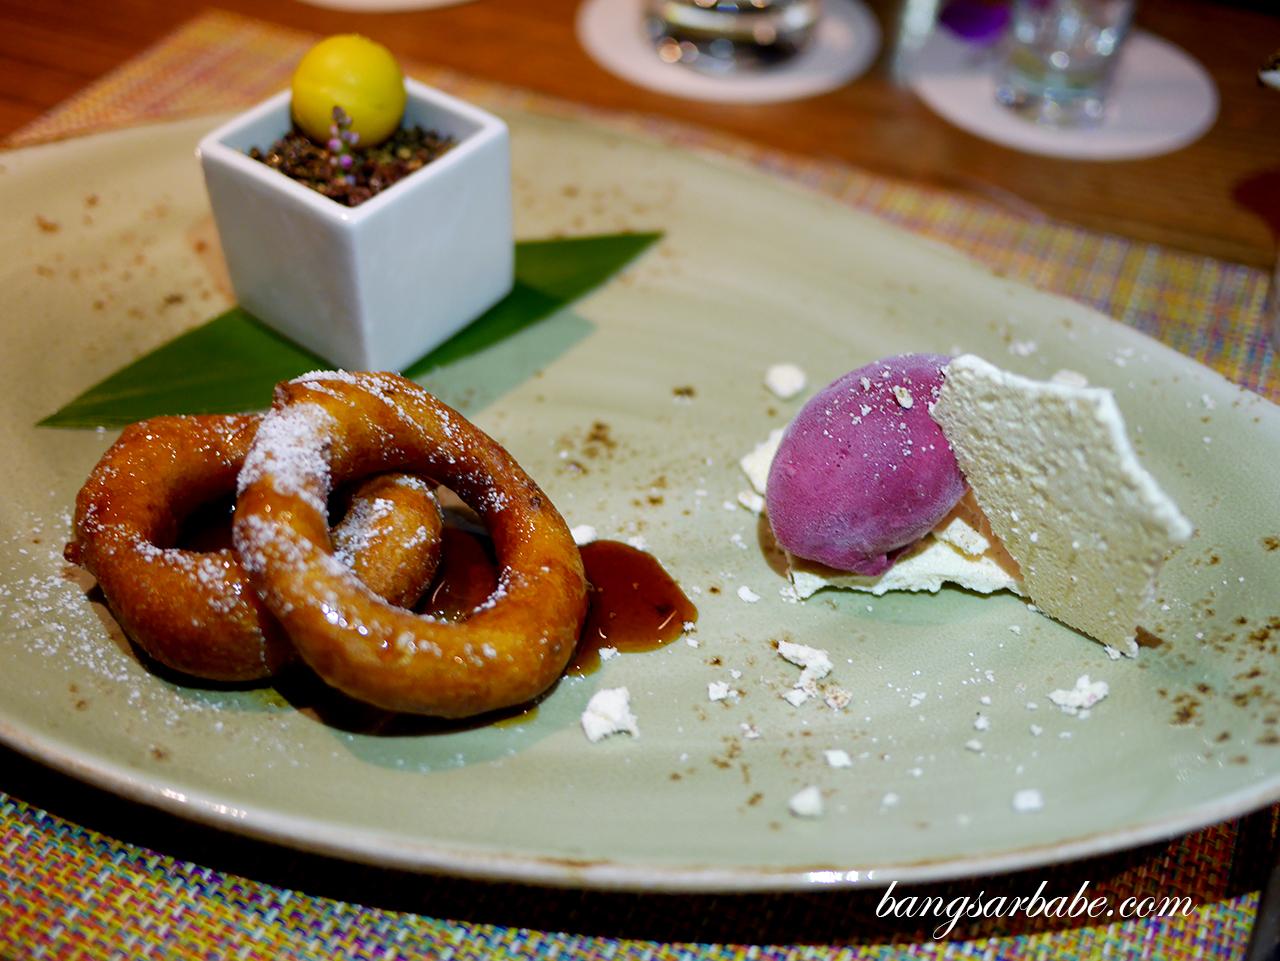 Dessert Platter